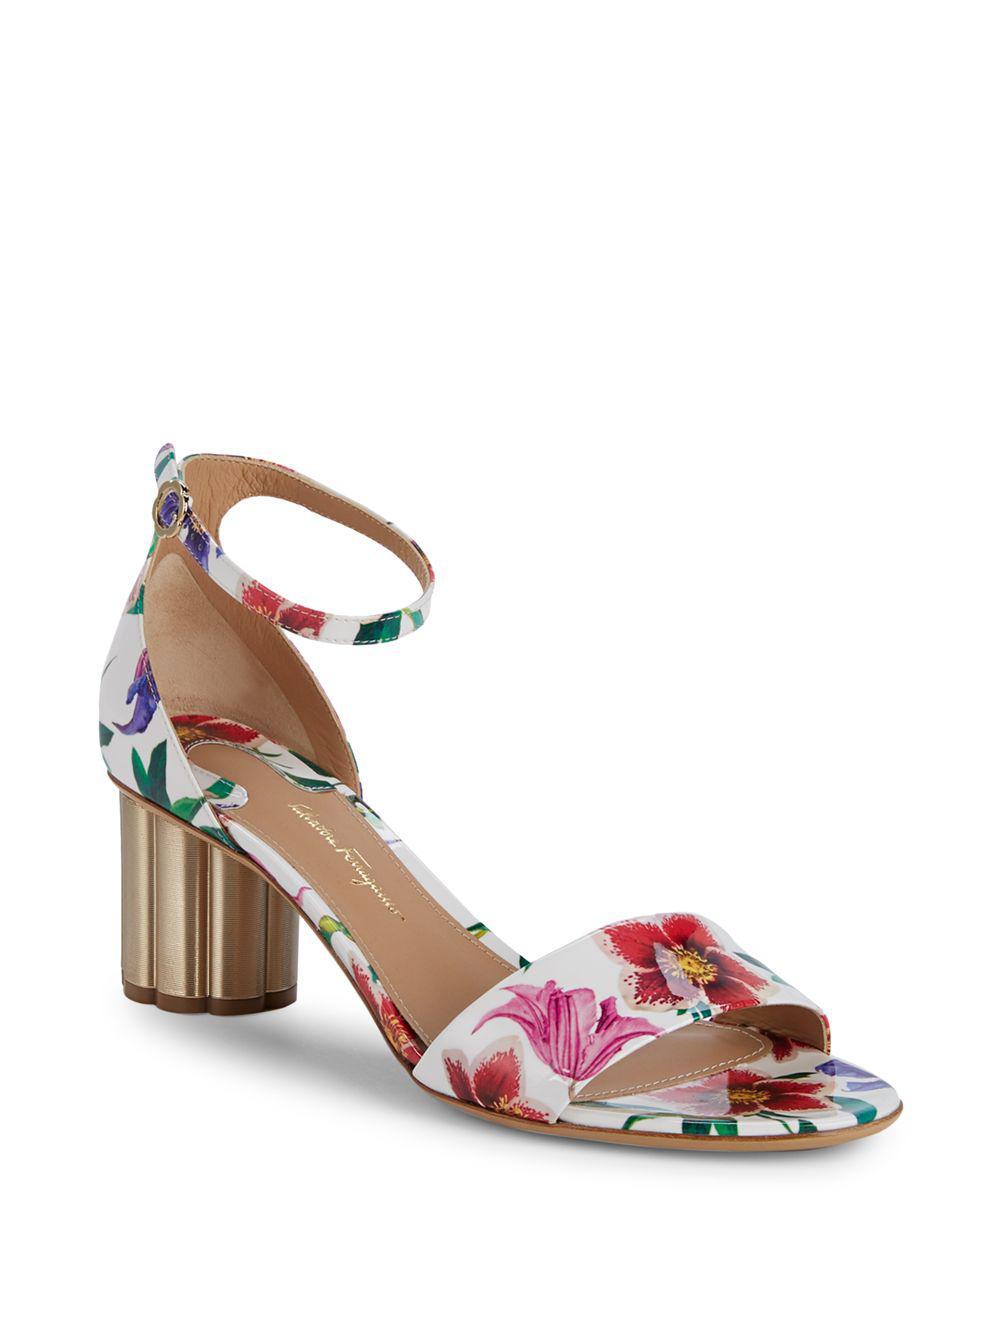 43e66b9f8f3f Ferragamo. Women s Eraclea Floral Patent Leather Sandals